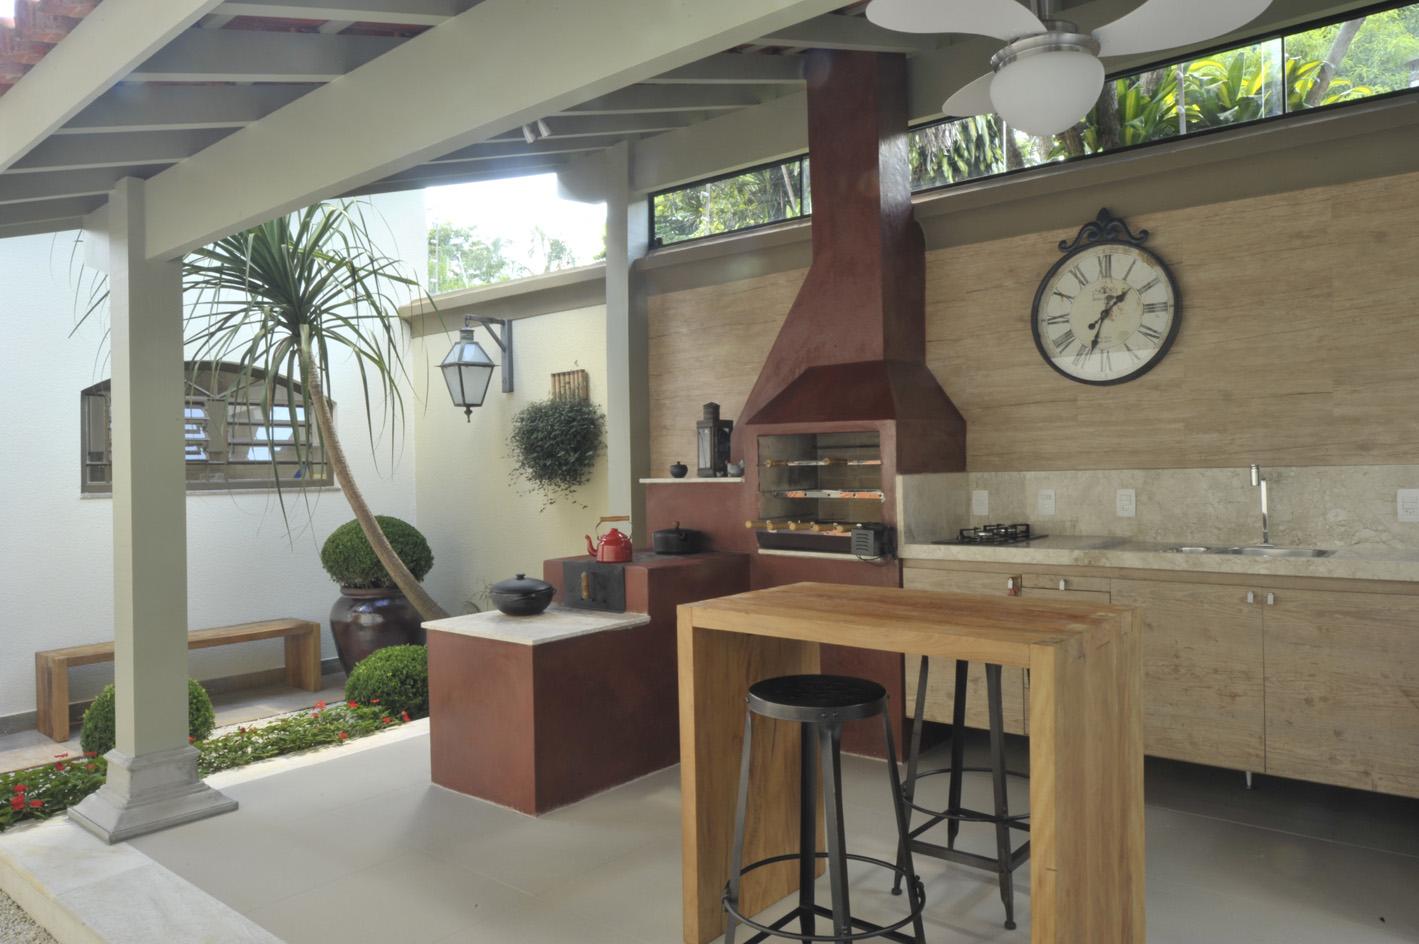 #836C48 Blog da Ayda: Uma boa ideia de cozinha gourmet 1419x944 px Projetos De Cozinhas Externas Pequenas #565 imagens